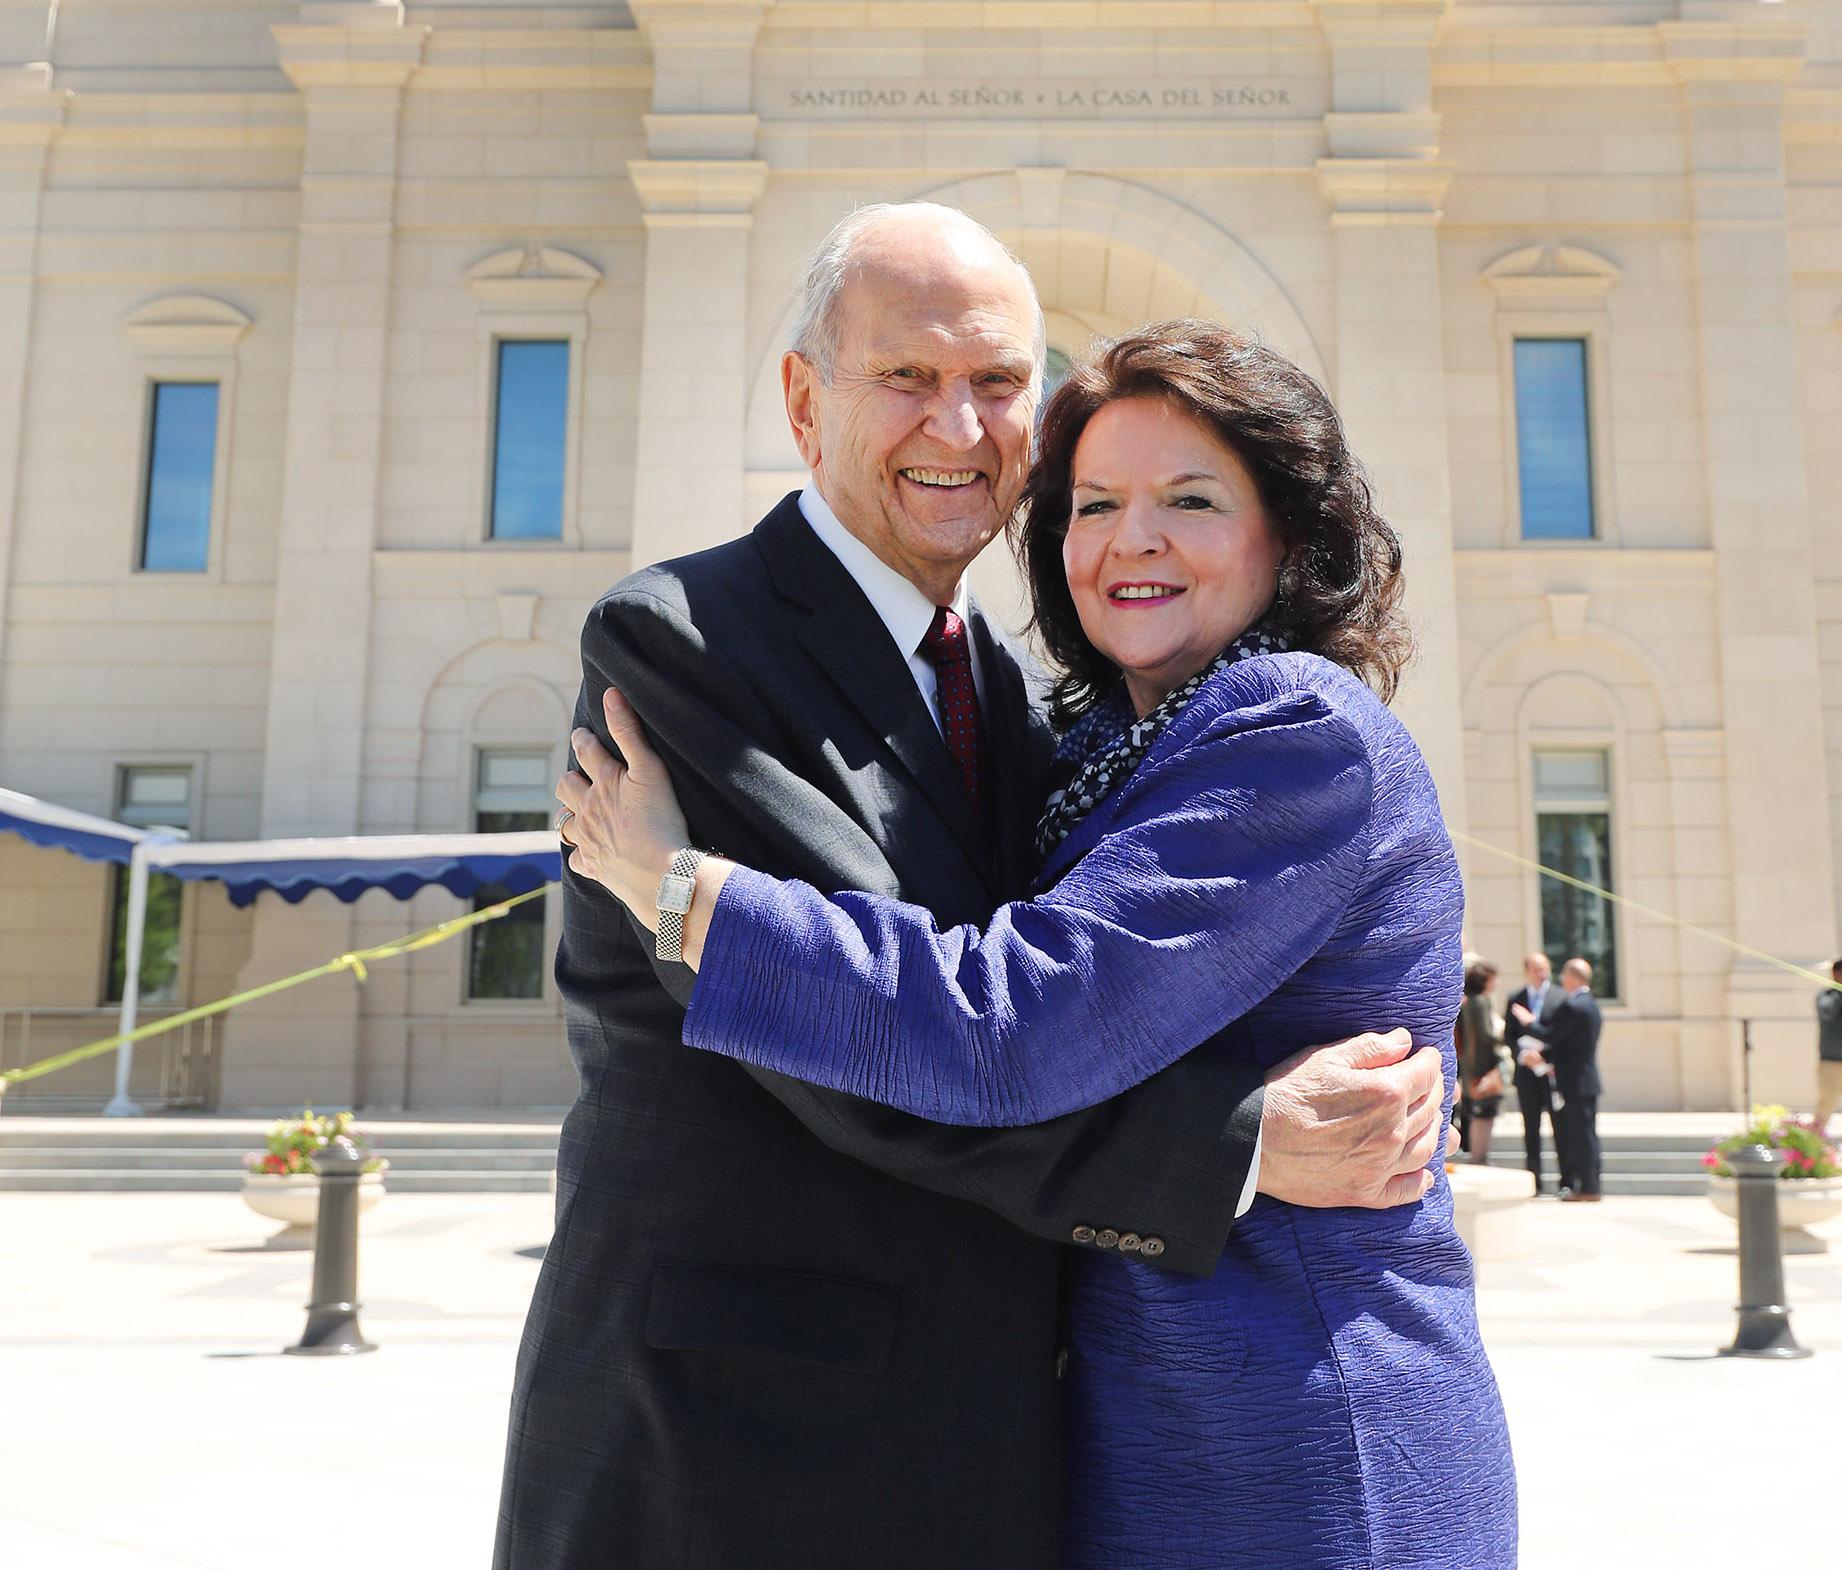 El presidente Russell M. Nelson, de La Iglesia de Jesucristo de los Santos de los Últimos Días, y su esposa, la hermana Wendy Nelson, se abrazan cerca del templo en Concepción, Chile, el sábado 27 de octubre de 2018.